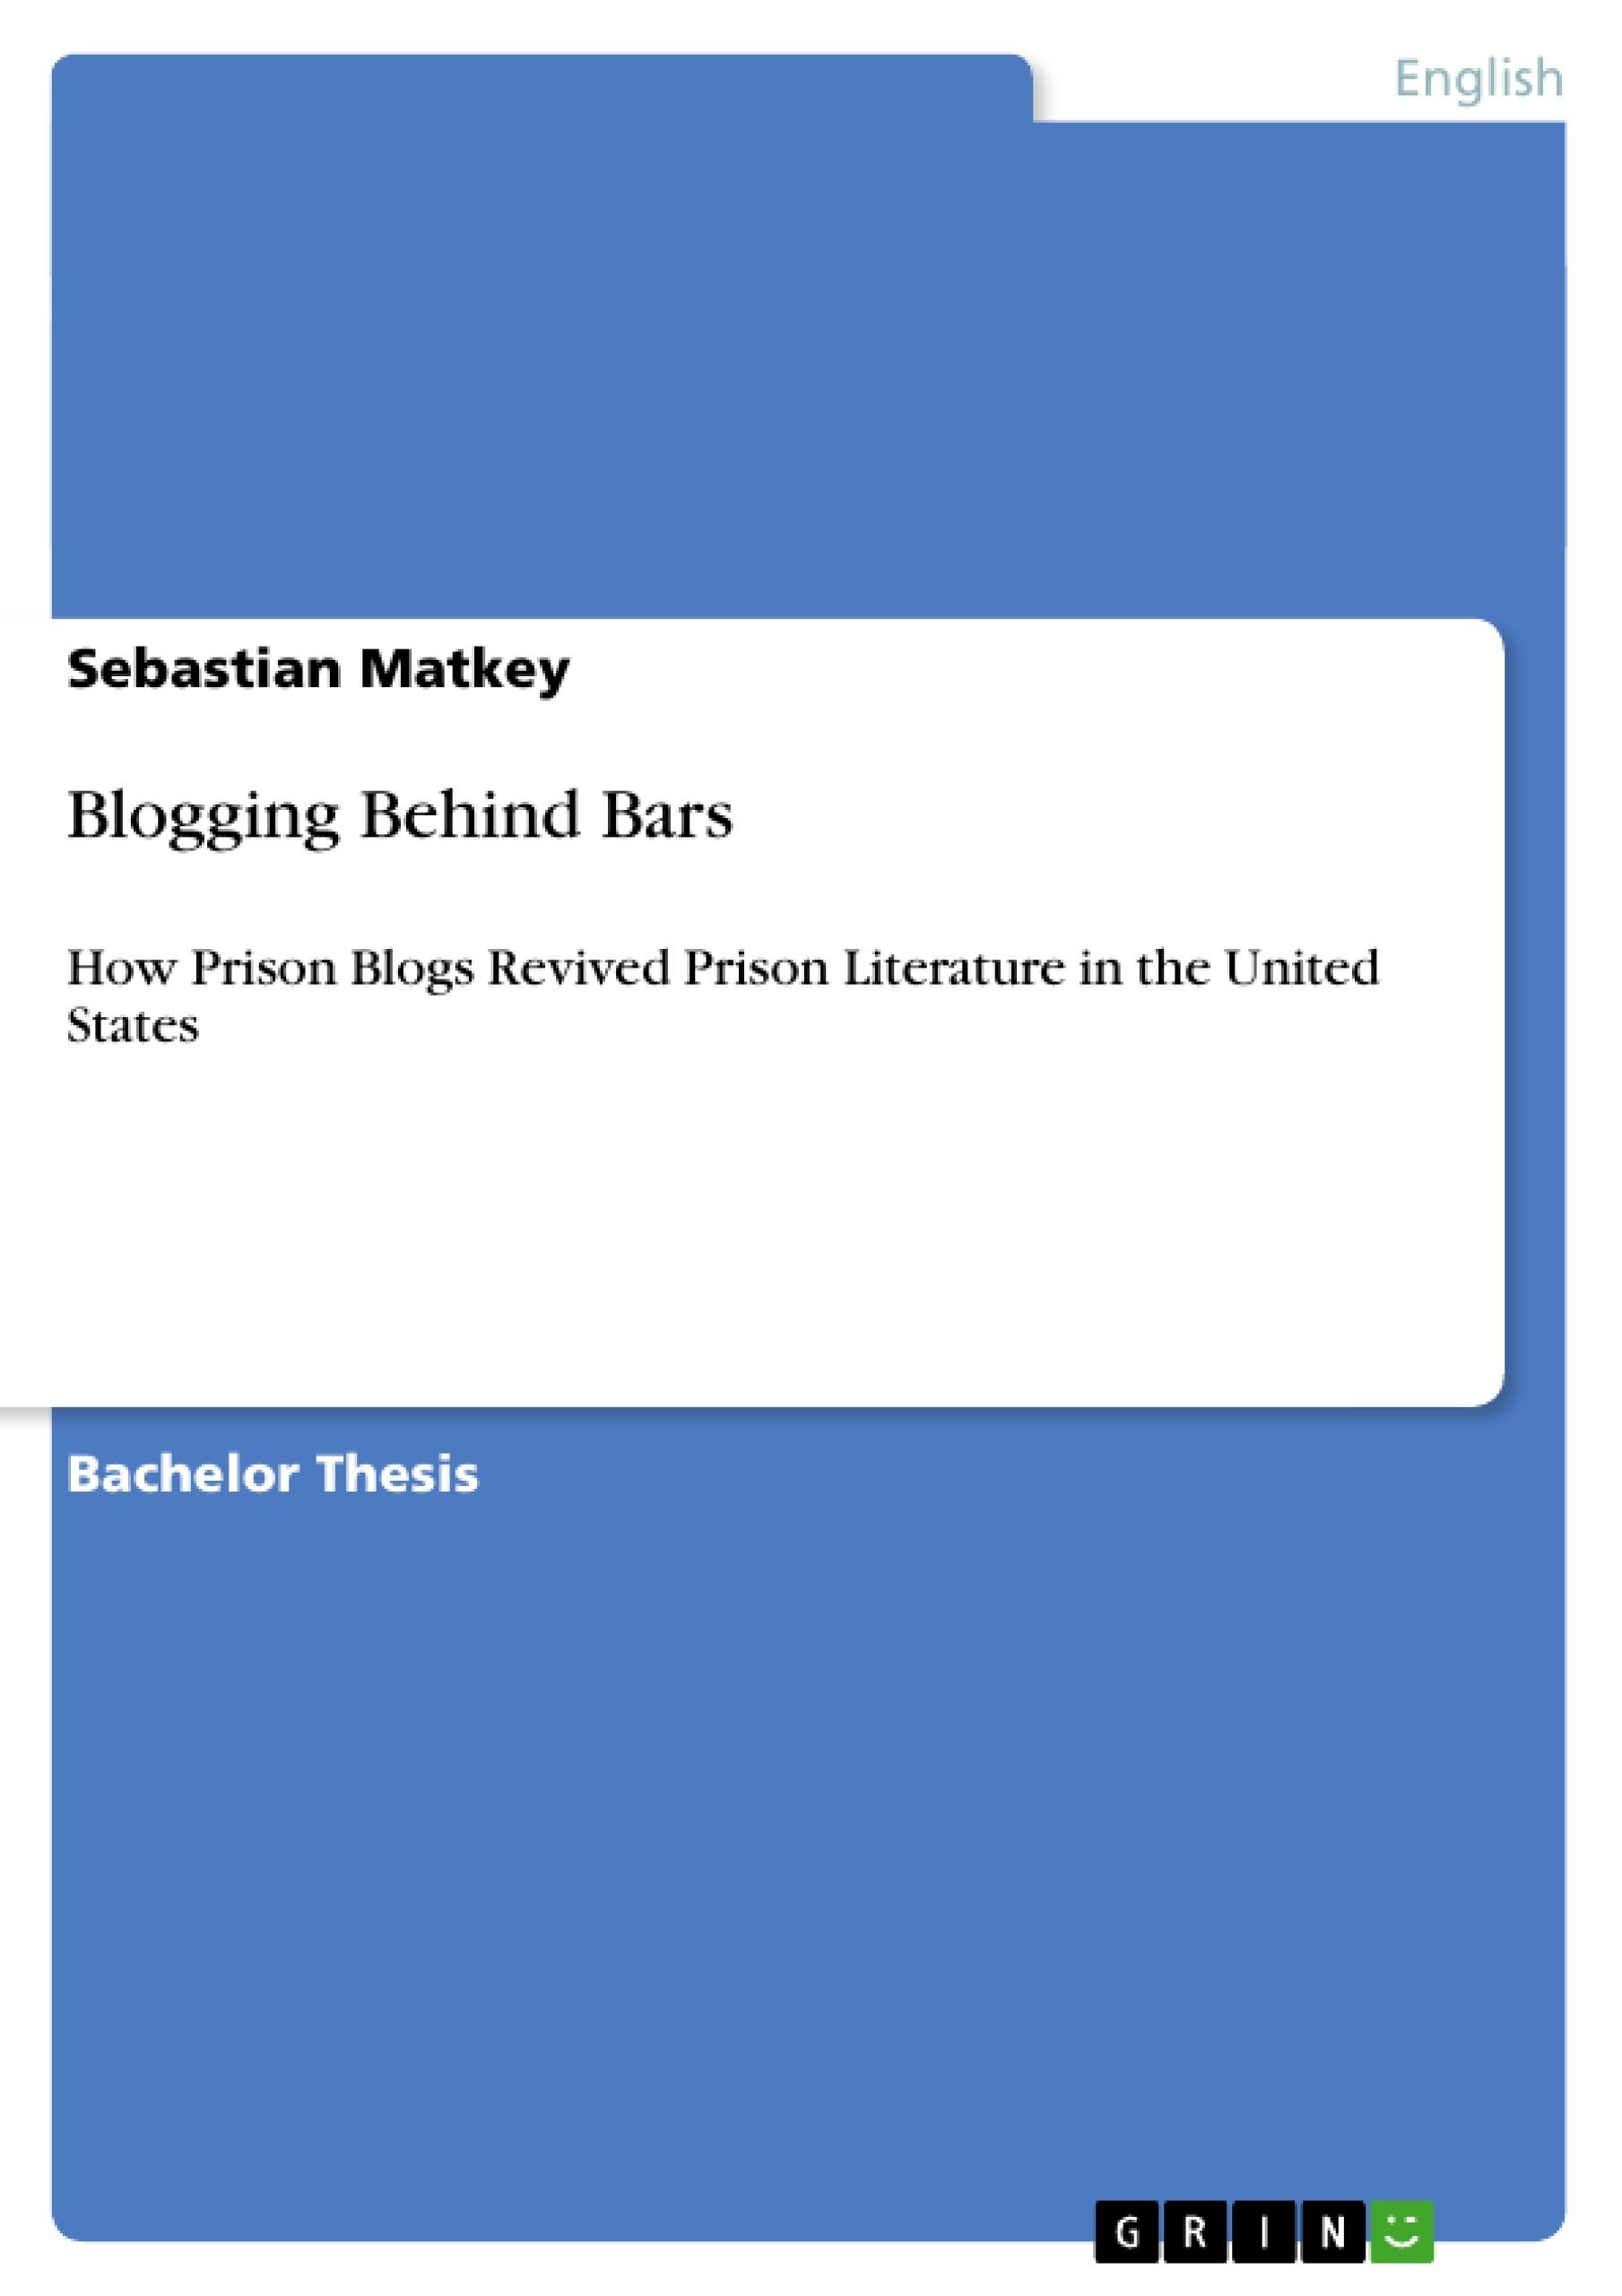 Title: Blogging Behind Bars